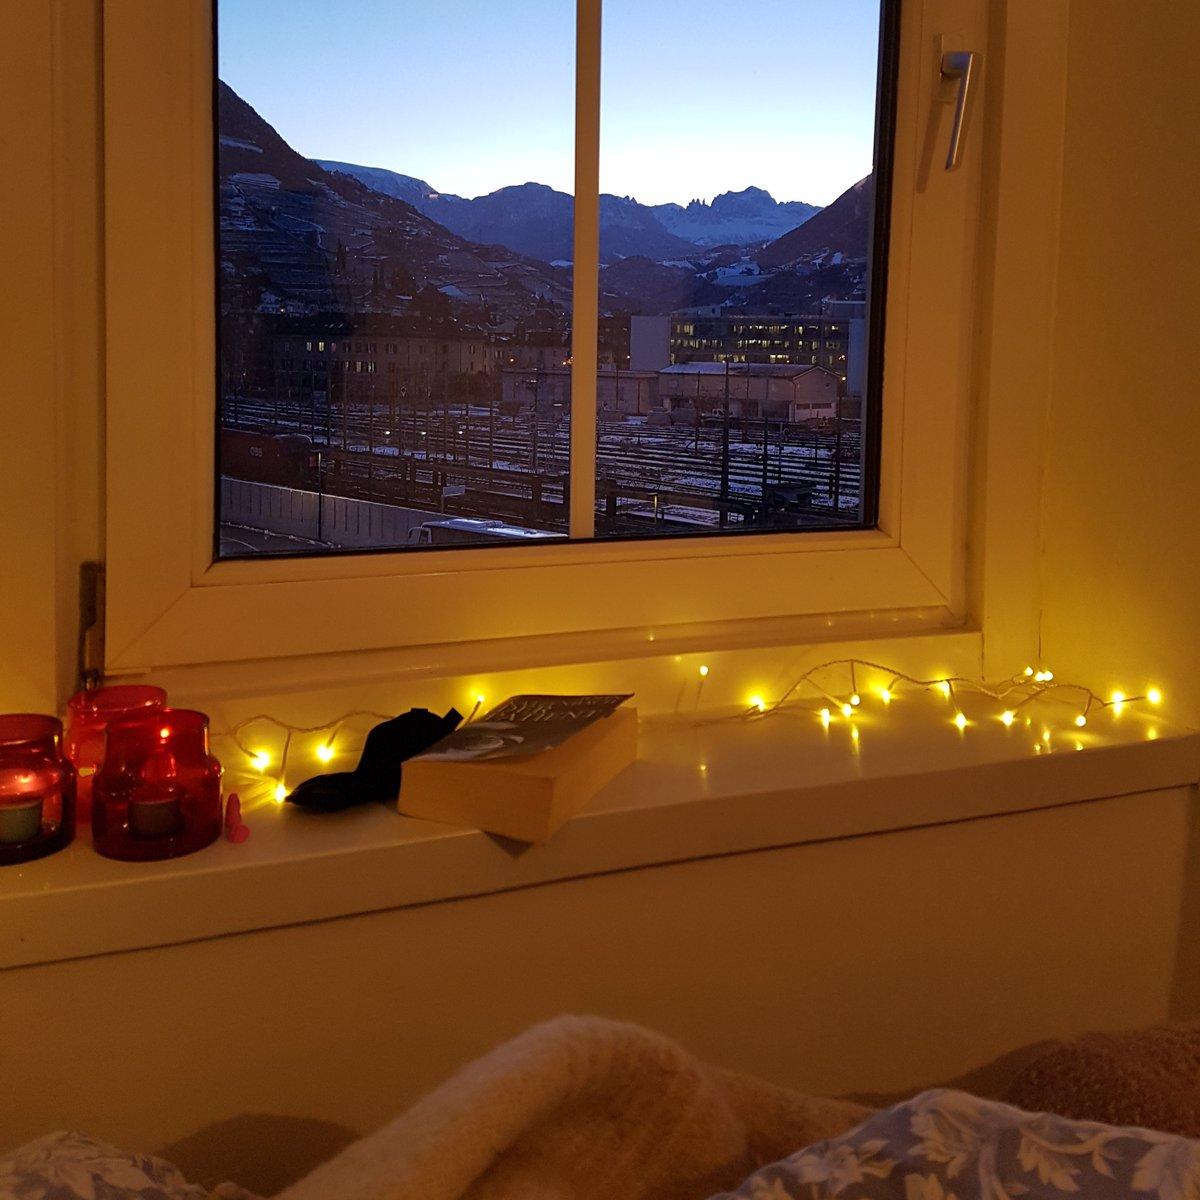 Guten Morgen mit Blick auf die Berge 😍 auf einen guten Start in mein…